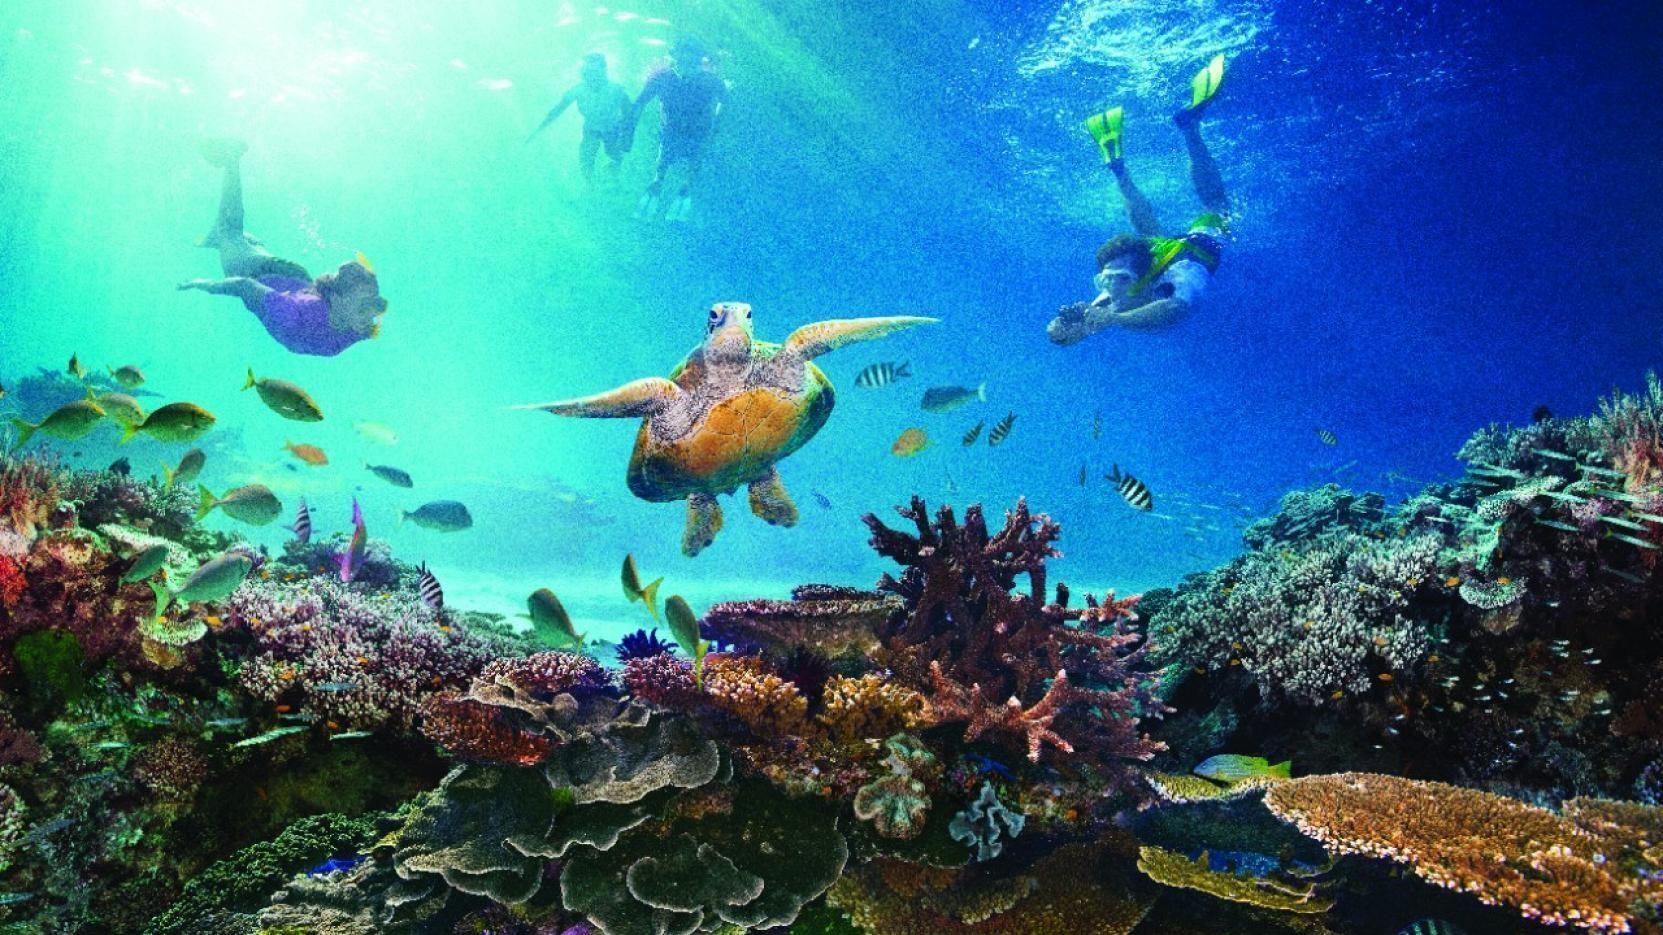 ¿Junto a qué estado se encuentra la Gran barrera de coral australiana?